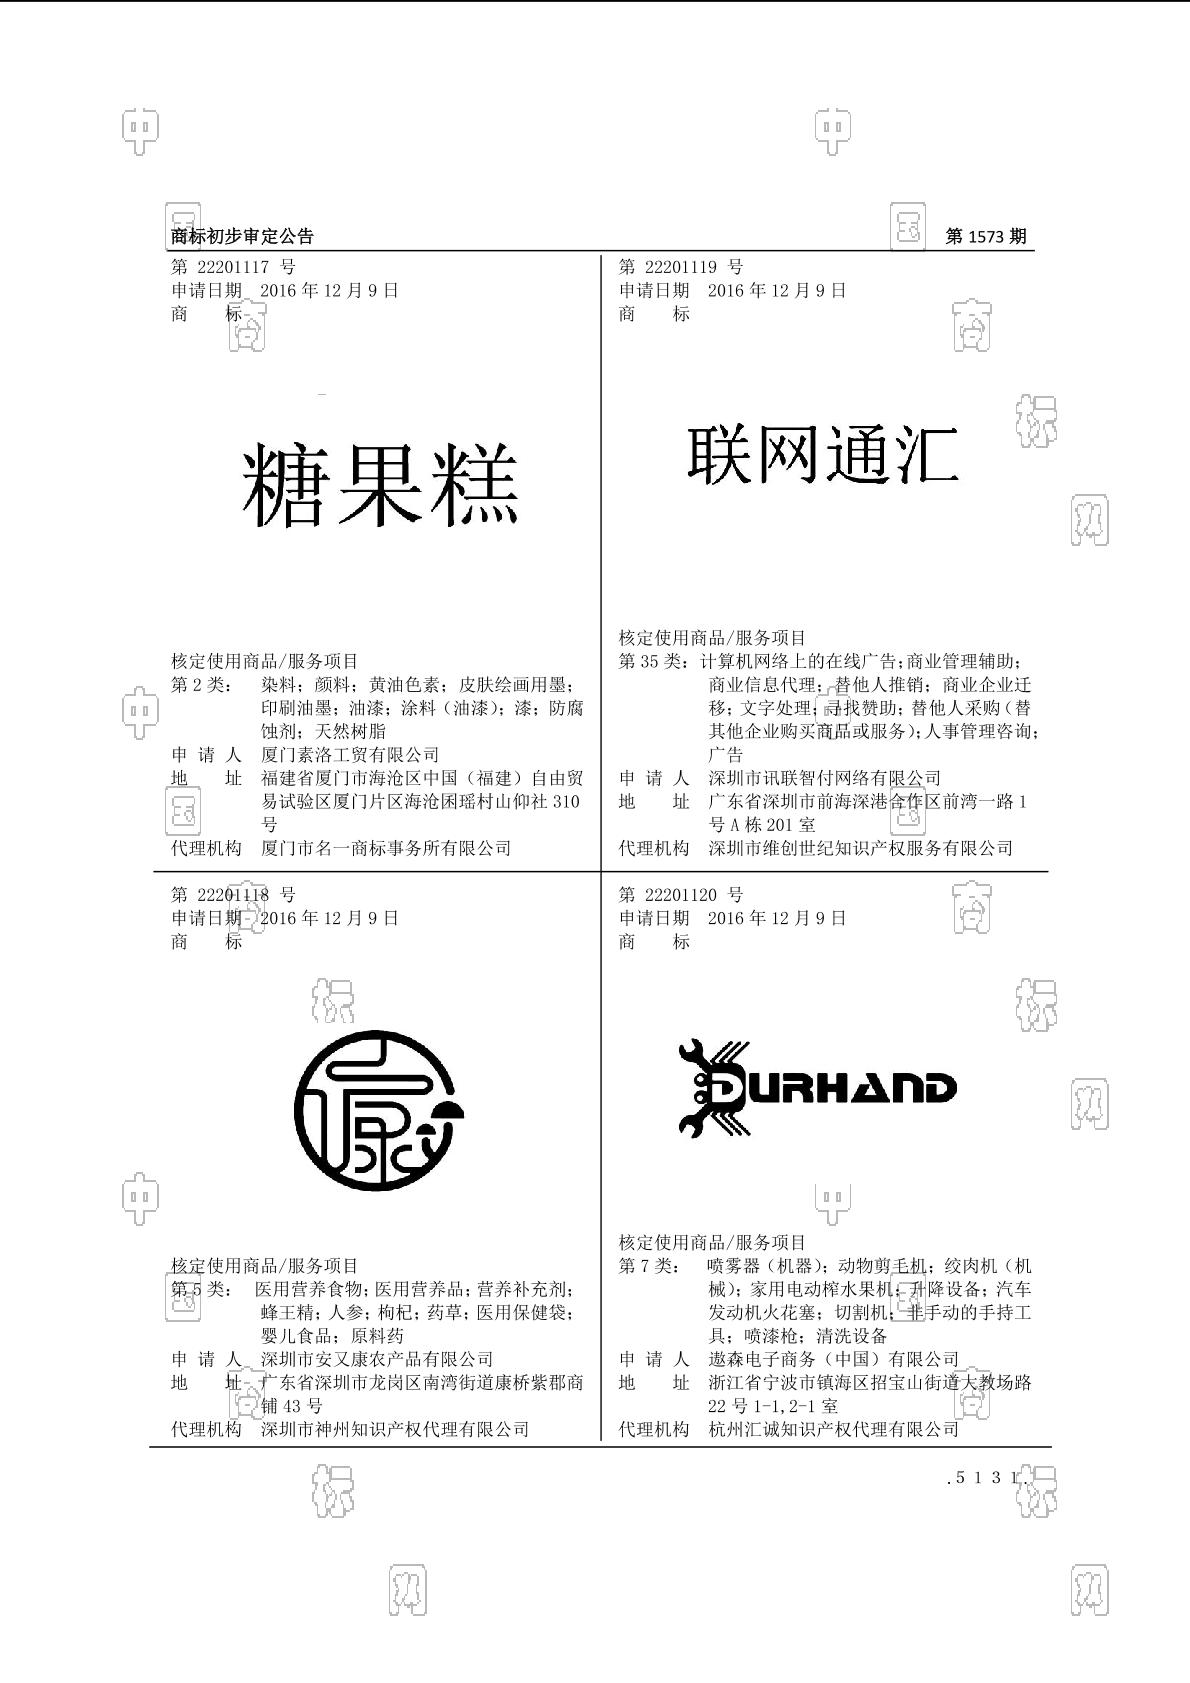 【社标网】糖果糕商标状态注册号信息 厦门素洛工贸有限公司商标信息-商标查询